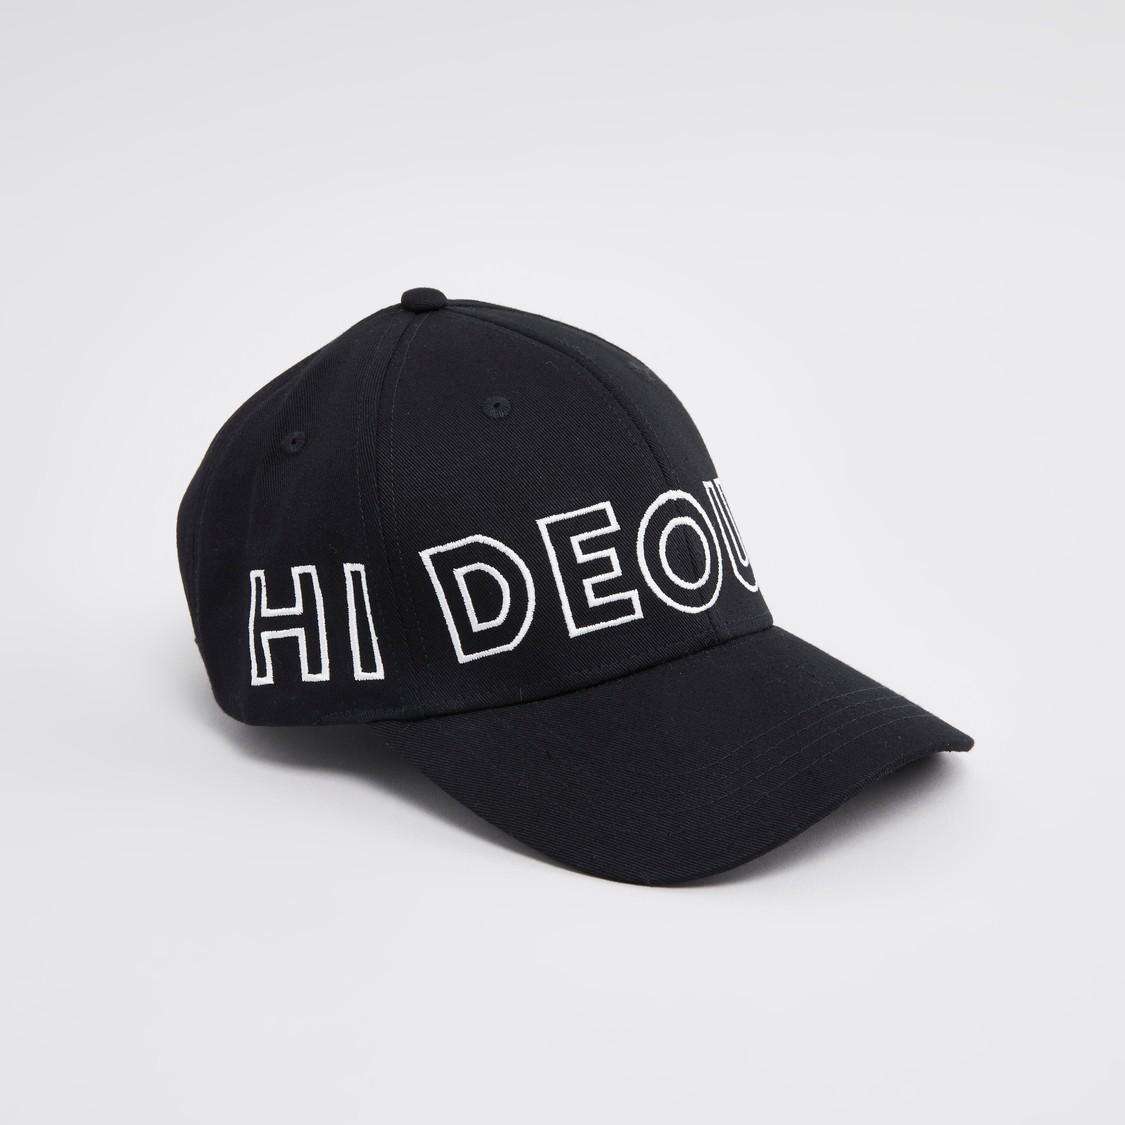 قبعة كاب سادة بطبعات وتطريز